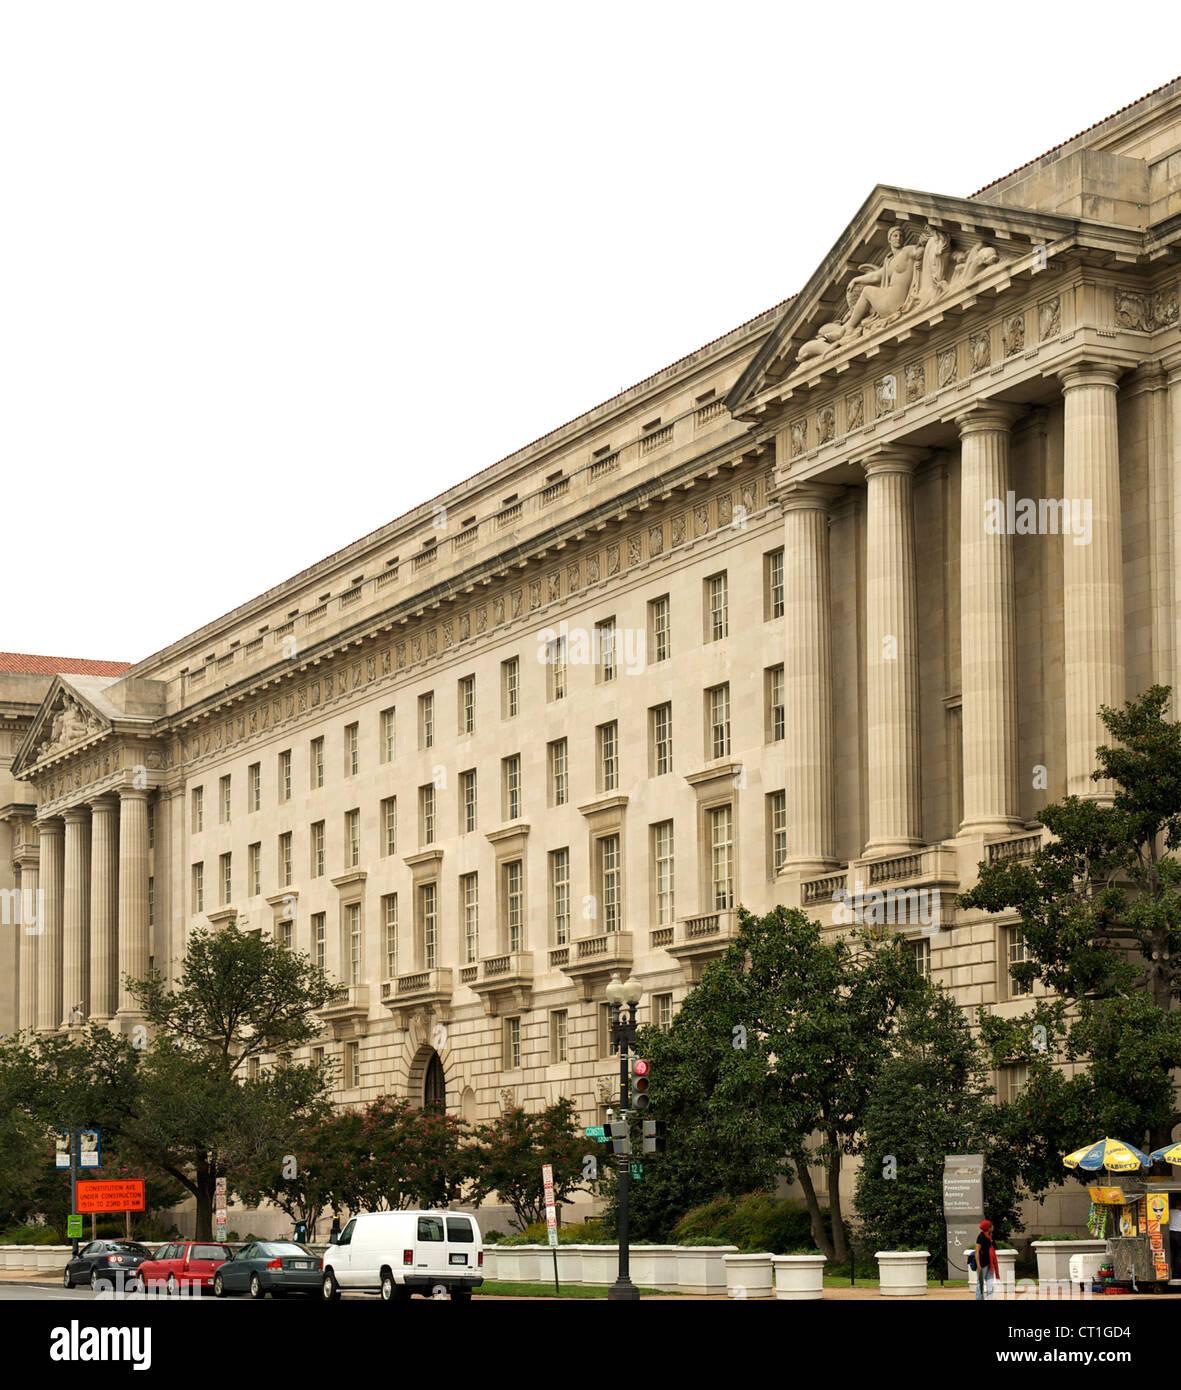 El edificio de la Agencia de Protección Ambiental en Washington DC, Estados Unidos. Imagen De Stock